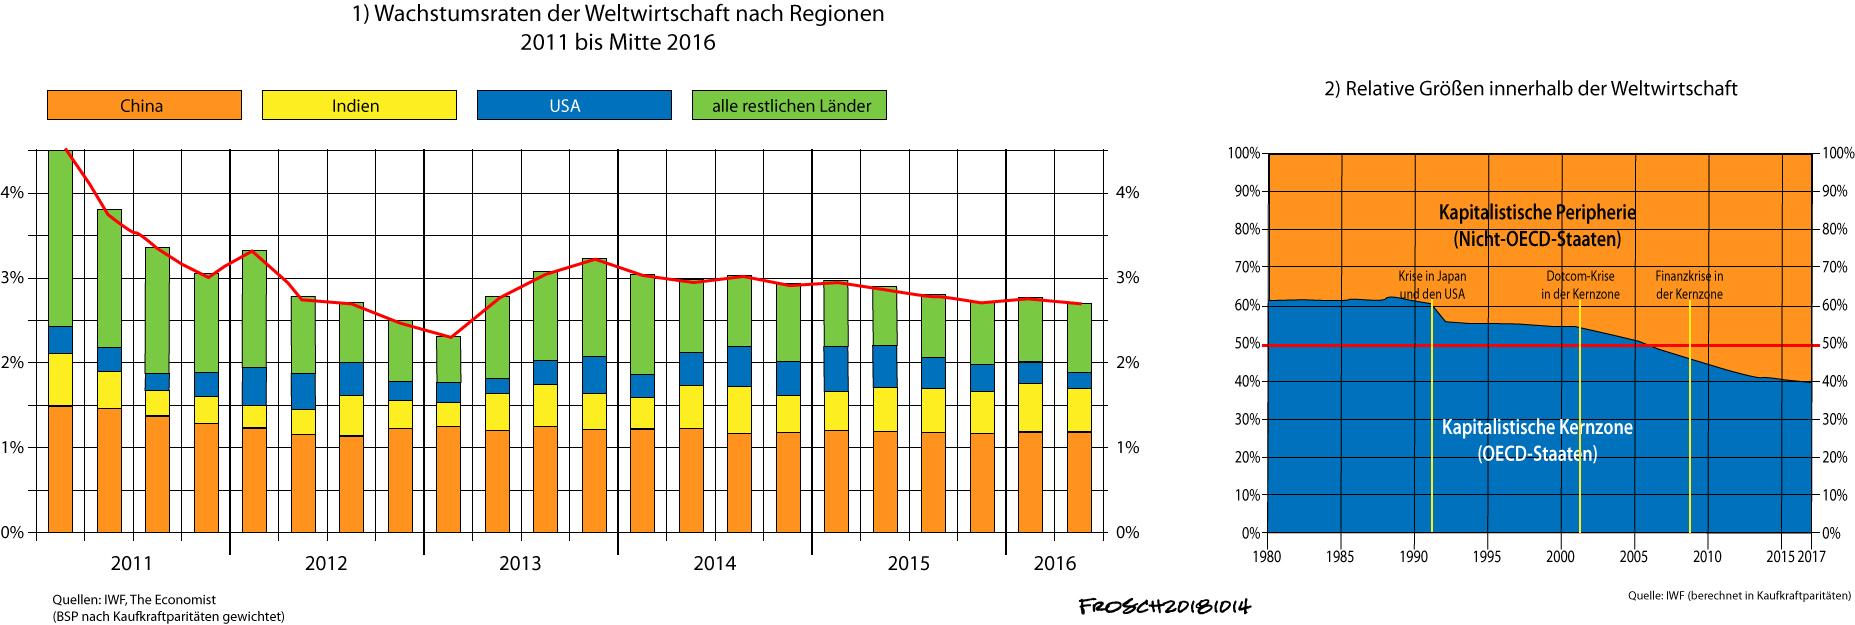 Weltwirtschaft 2011 bis 2016